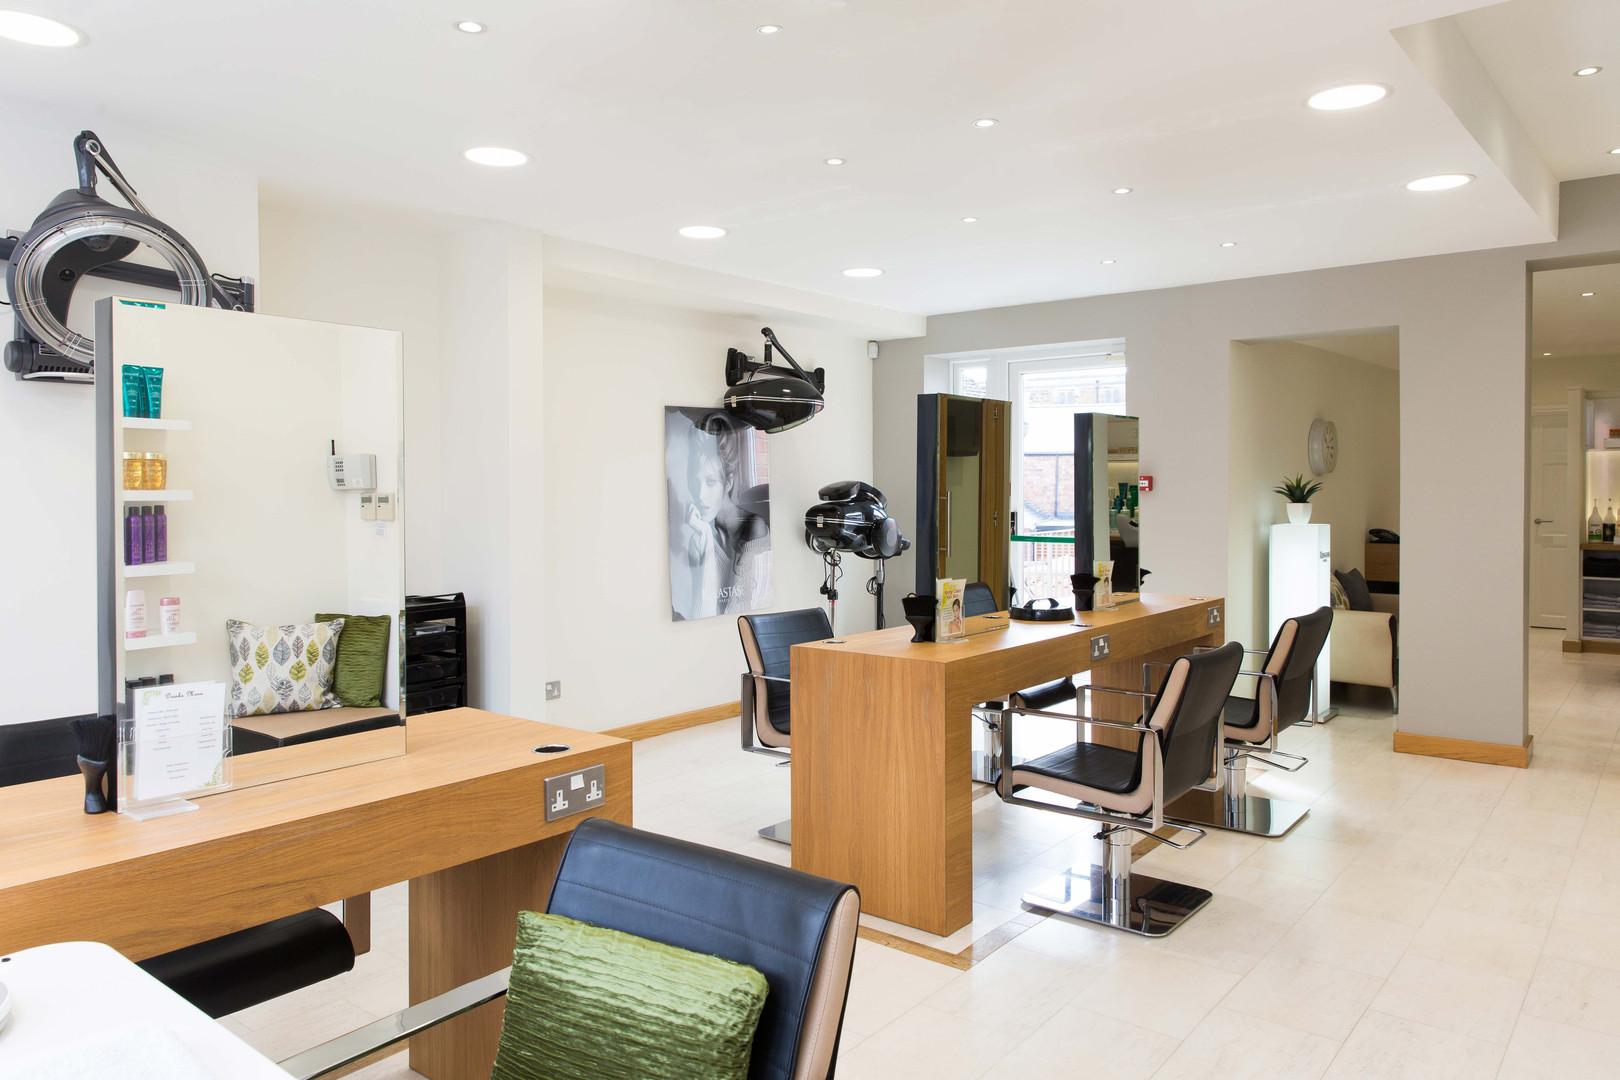 First Floor Salon & Nail Bar Area